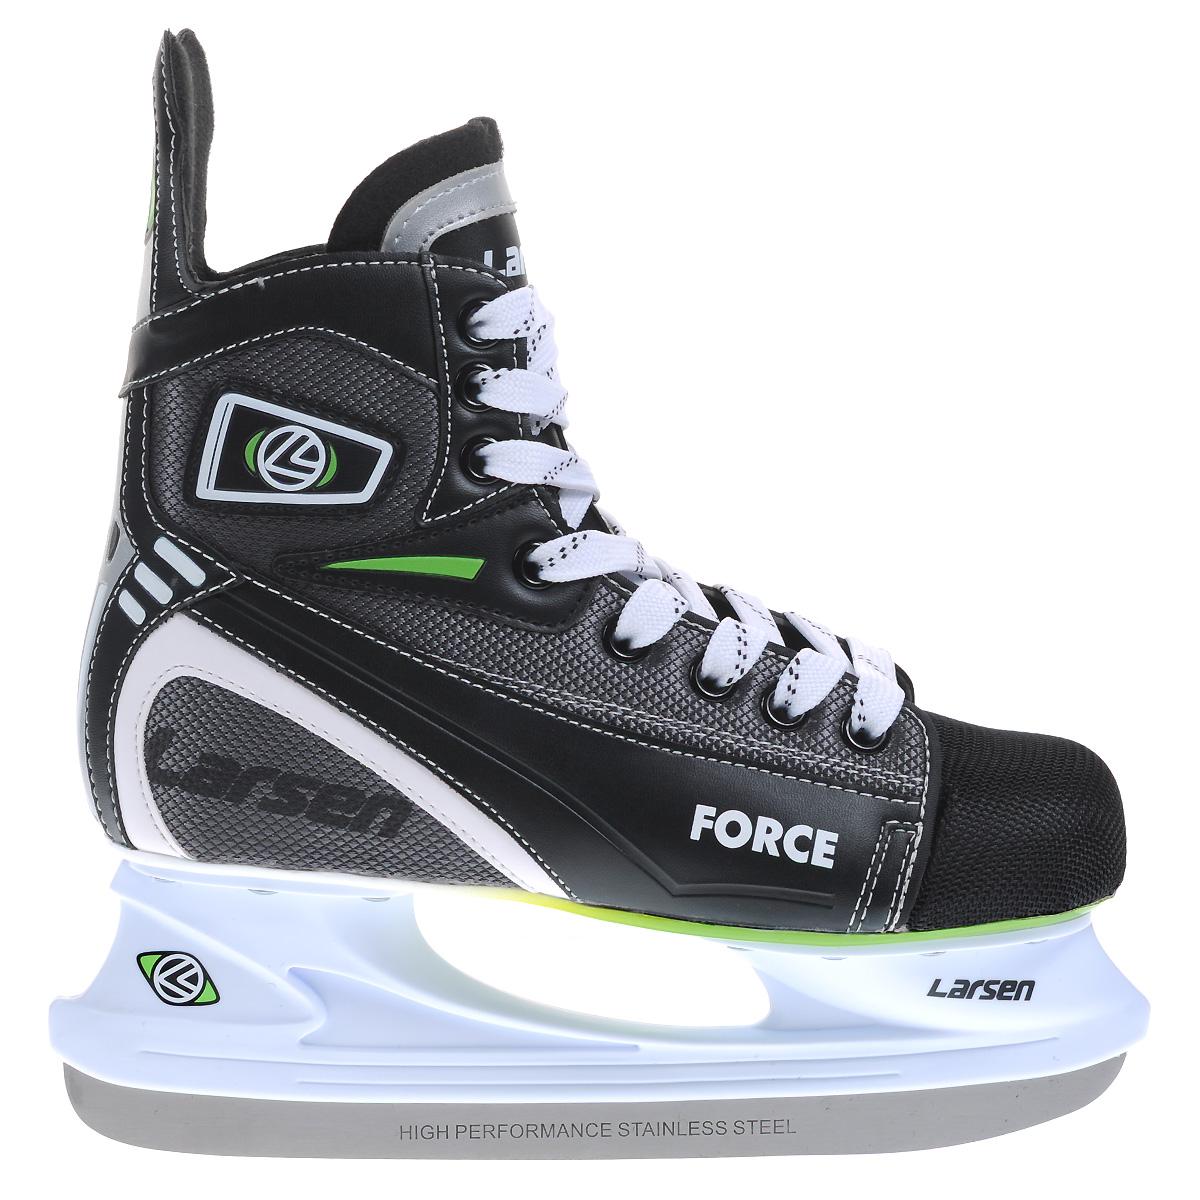 Коньки хоккейные Larsen Force, цвет: черный, серый. Размер 40